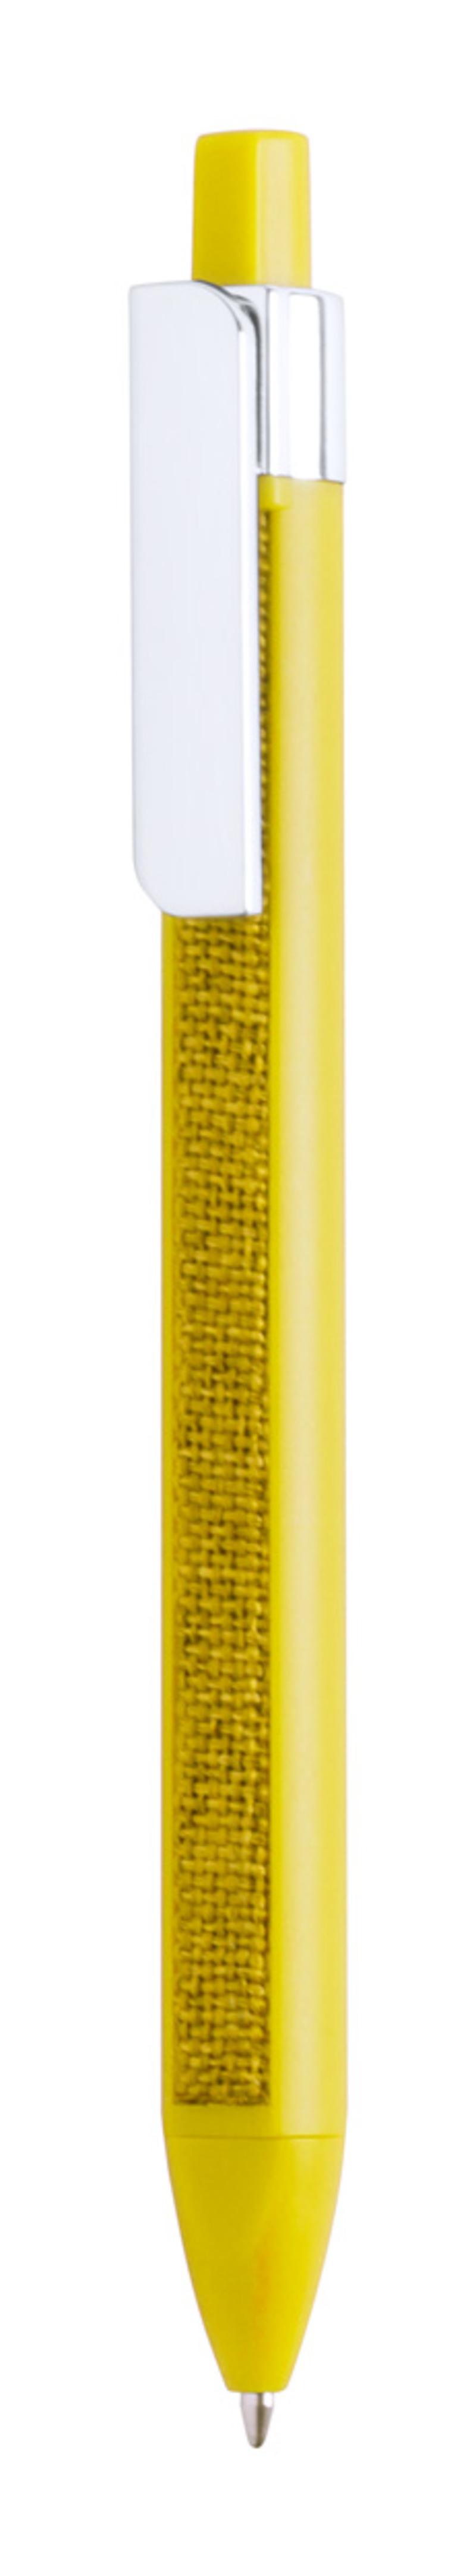 Teins pen